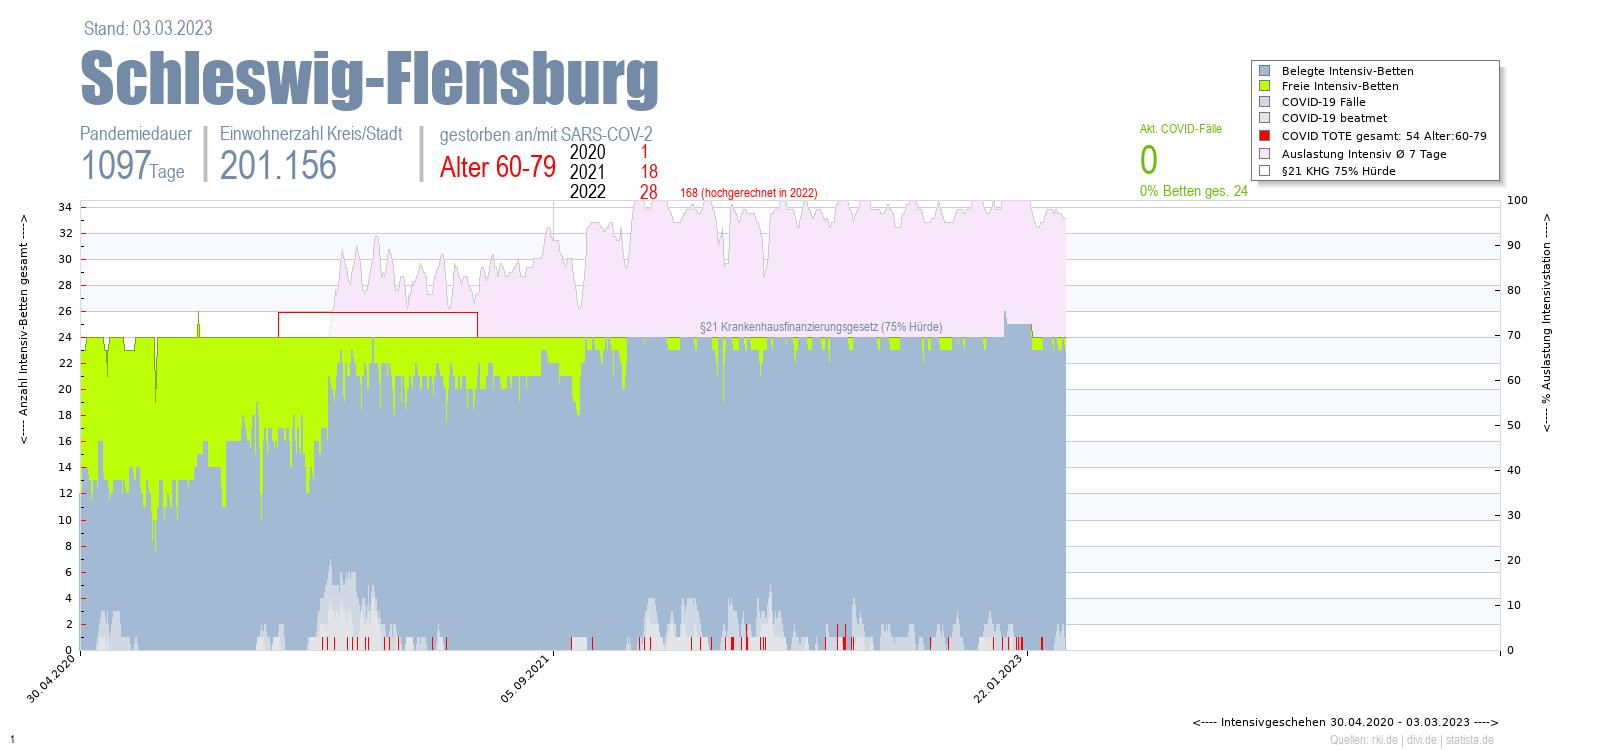 Intensivstation Auslastung Schleswig-Flensburg Alter 0-4